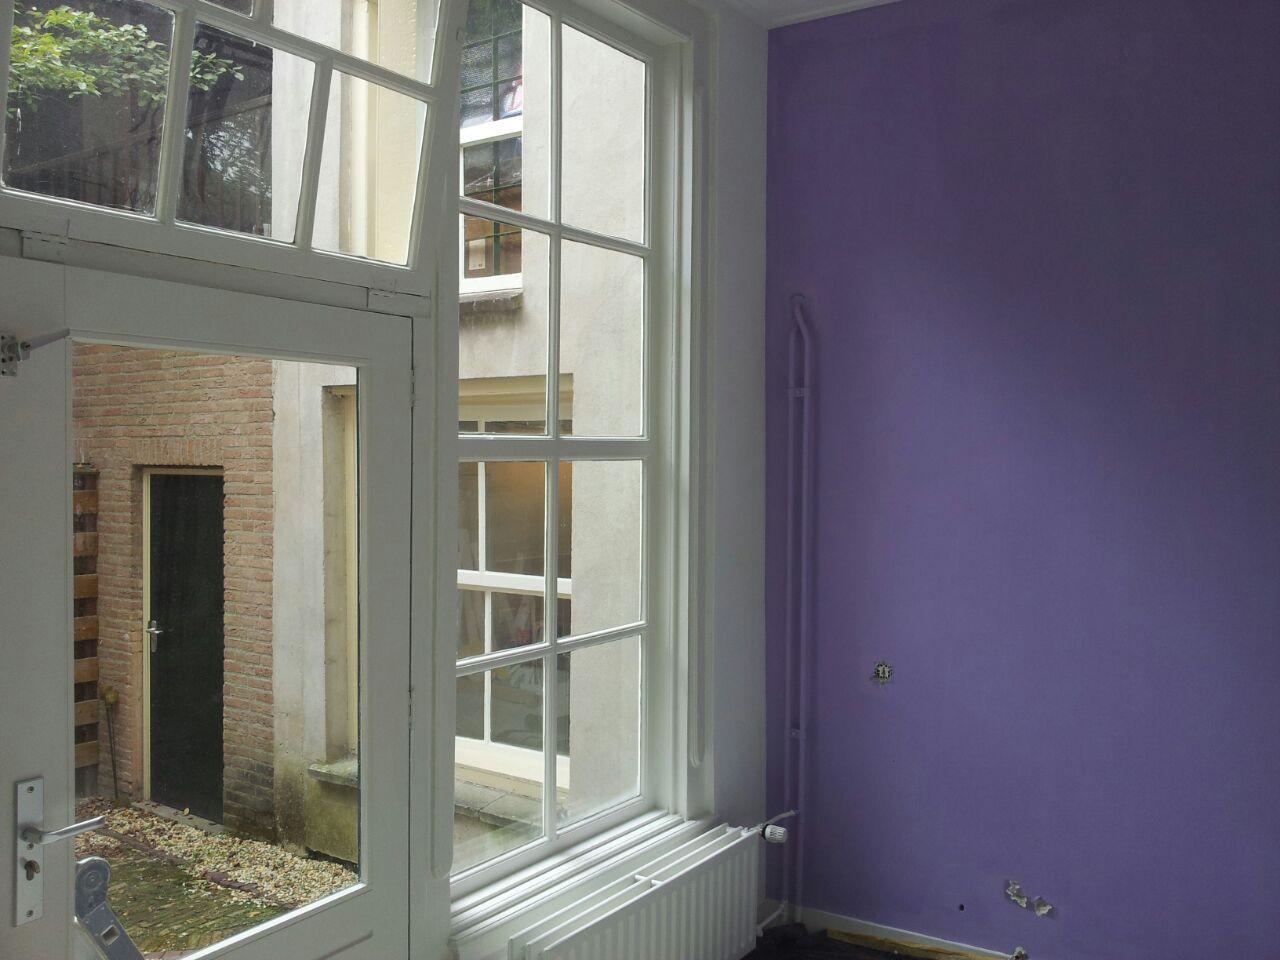 paars-witte-muur